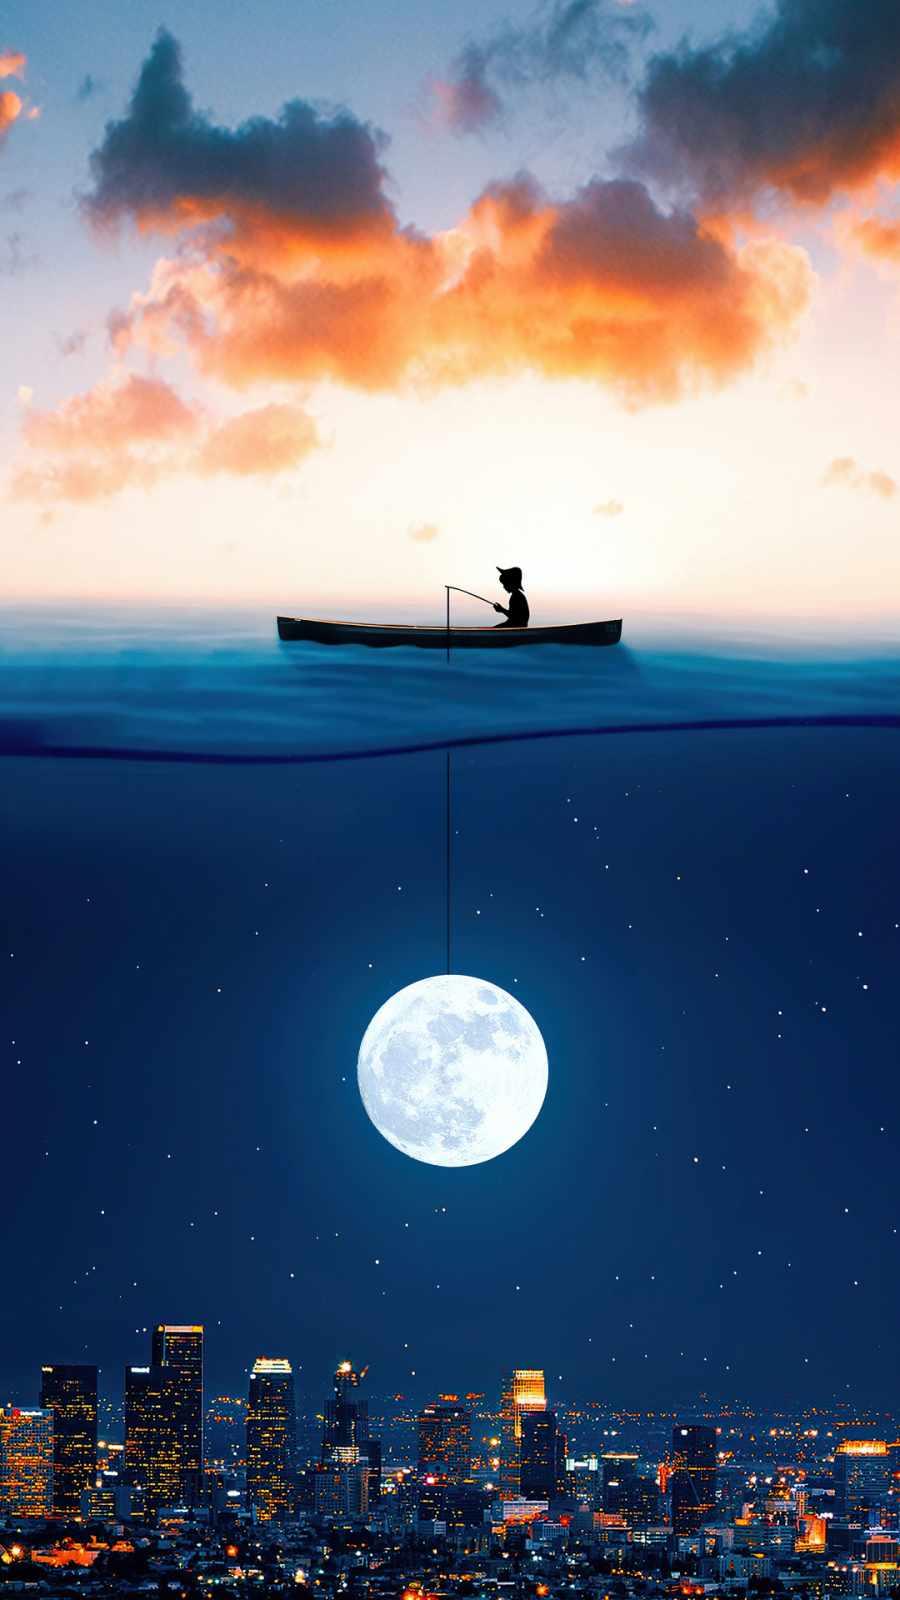 catching the moon in ocean